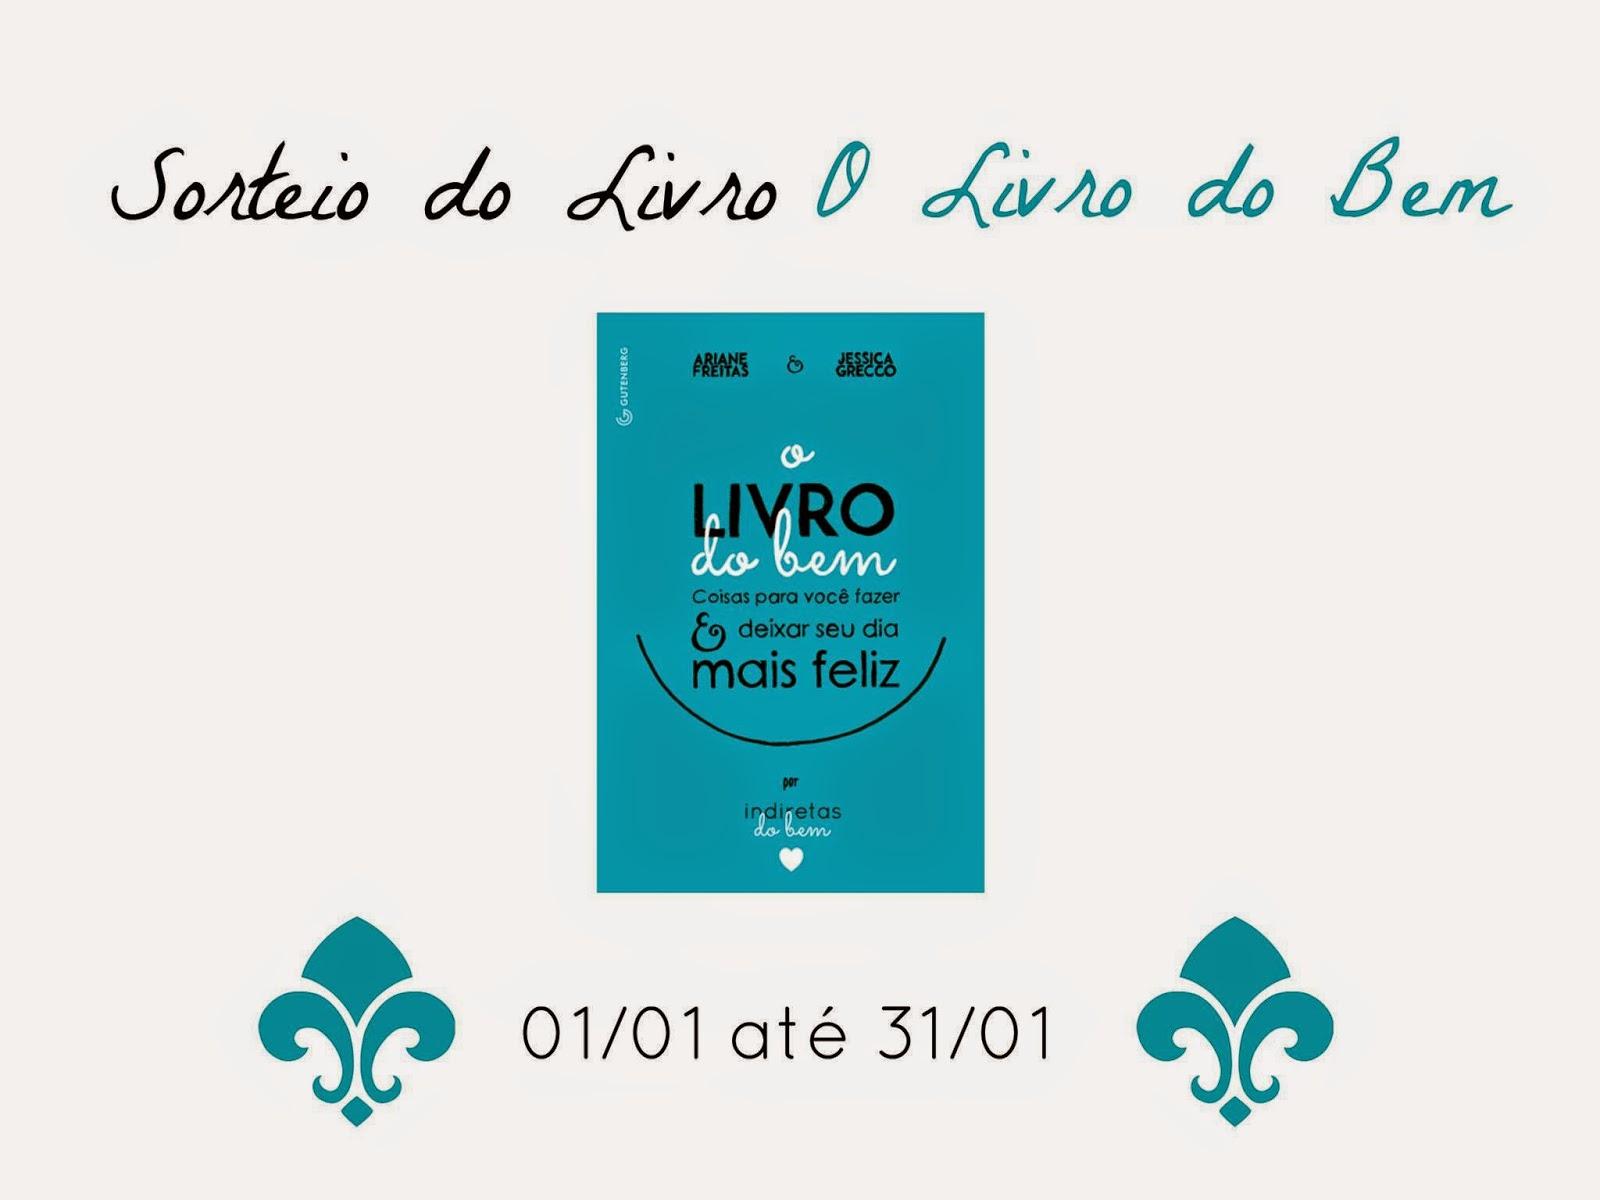 O Livro do Bem, Ariane Freitas, Jéssica Grecco, Editora Gutenberg, livro, sorteio, promoção, capa, sinopse